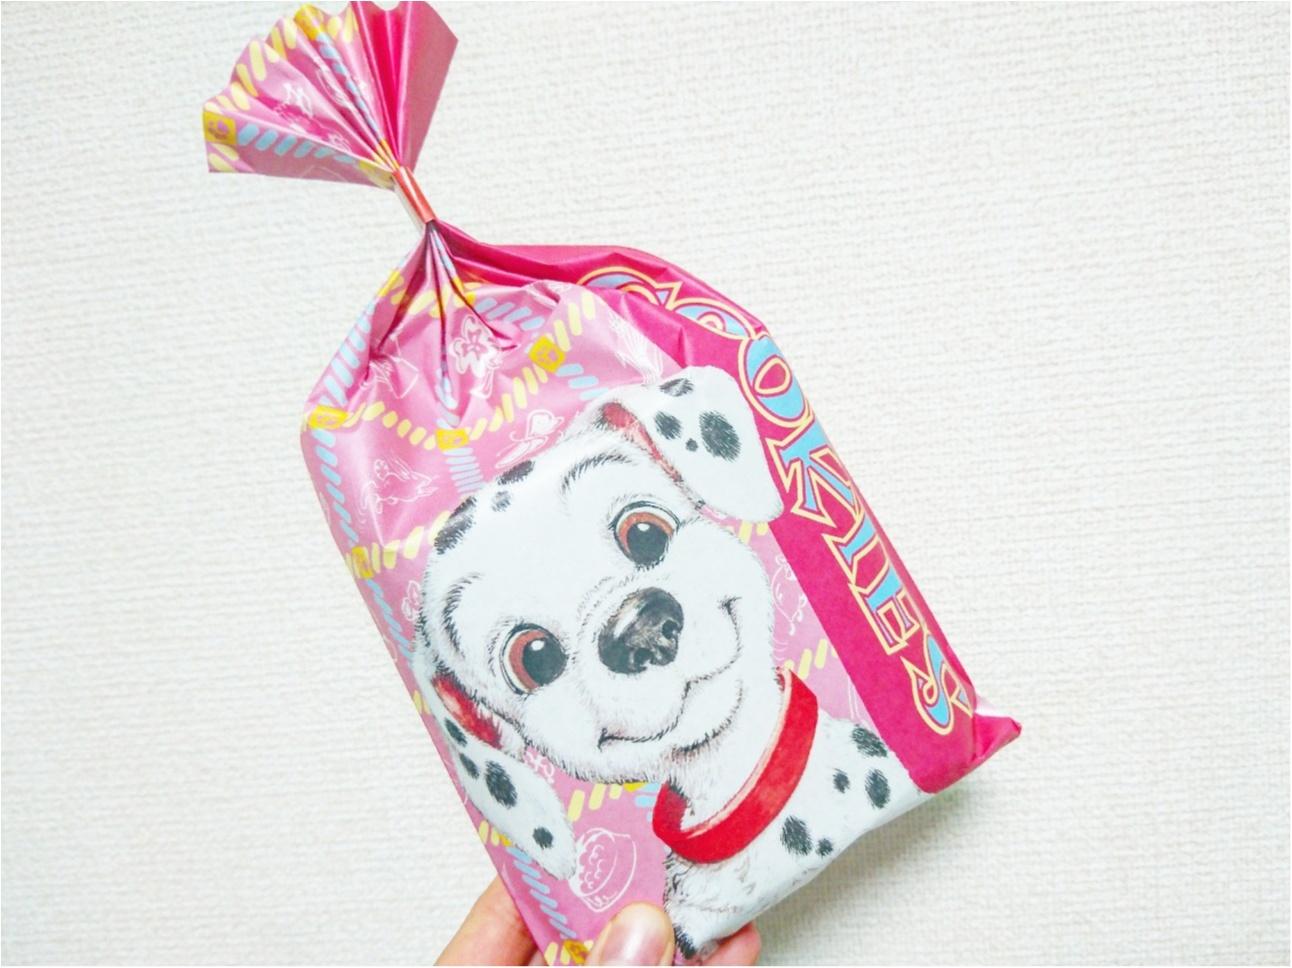 【グルメ】私のおすすめNo.1 ★ 101匹ワンちゃん『チョコチップクッキー』ディズニーリゾートへ行ったら、是非お土産に♪_1